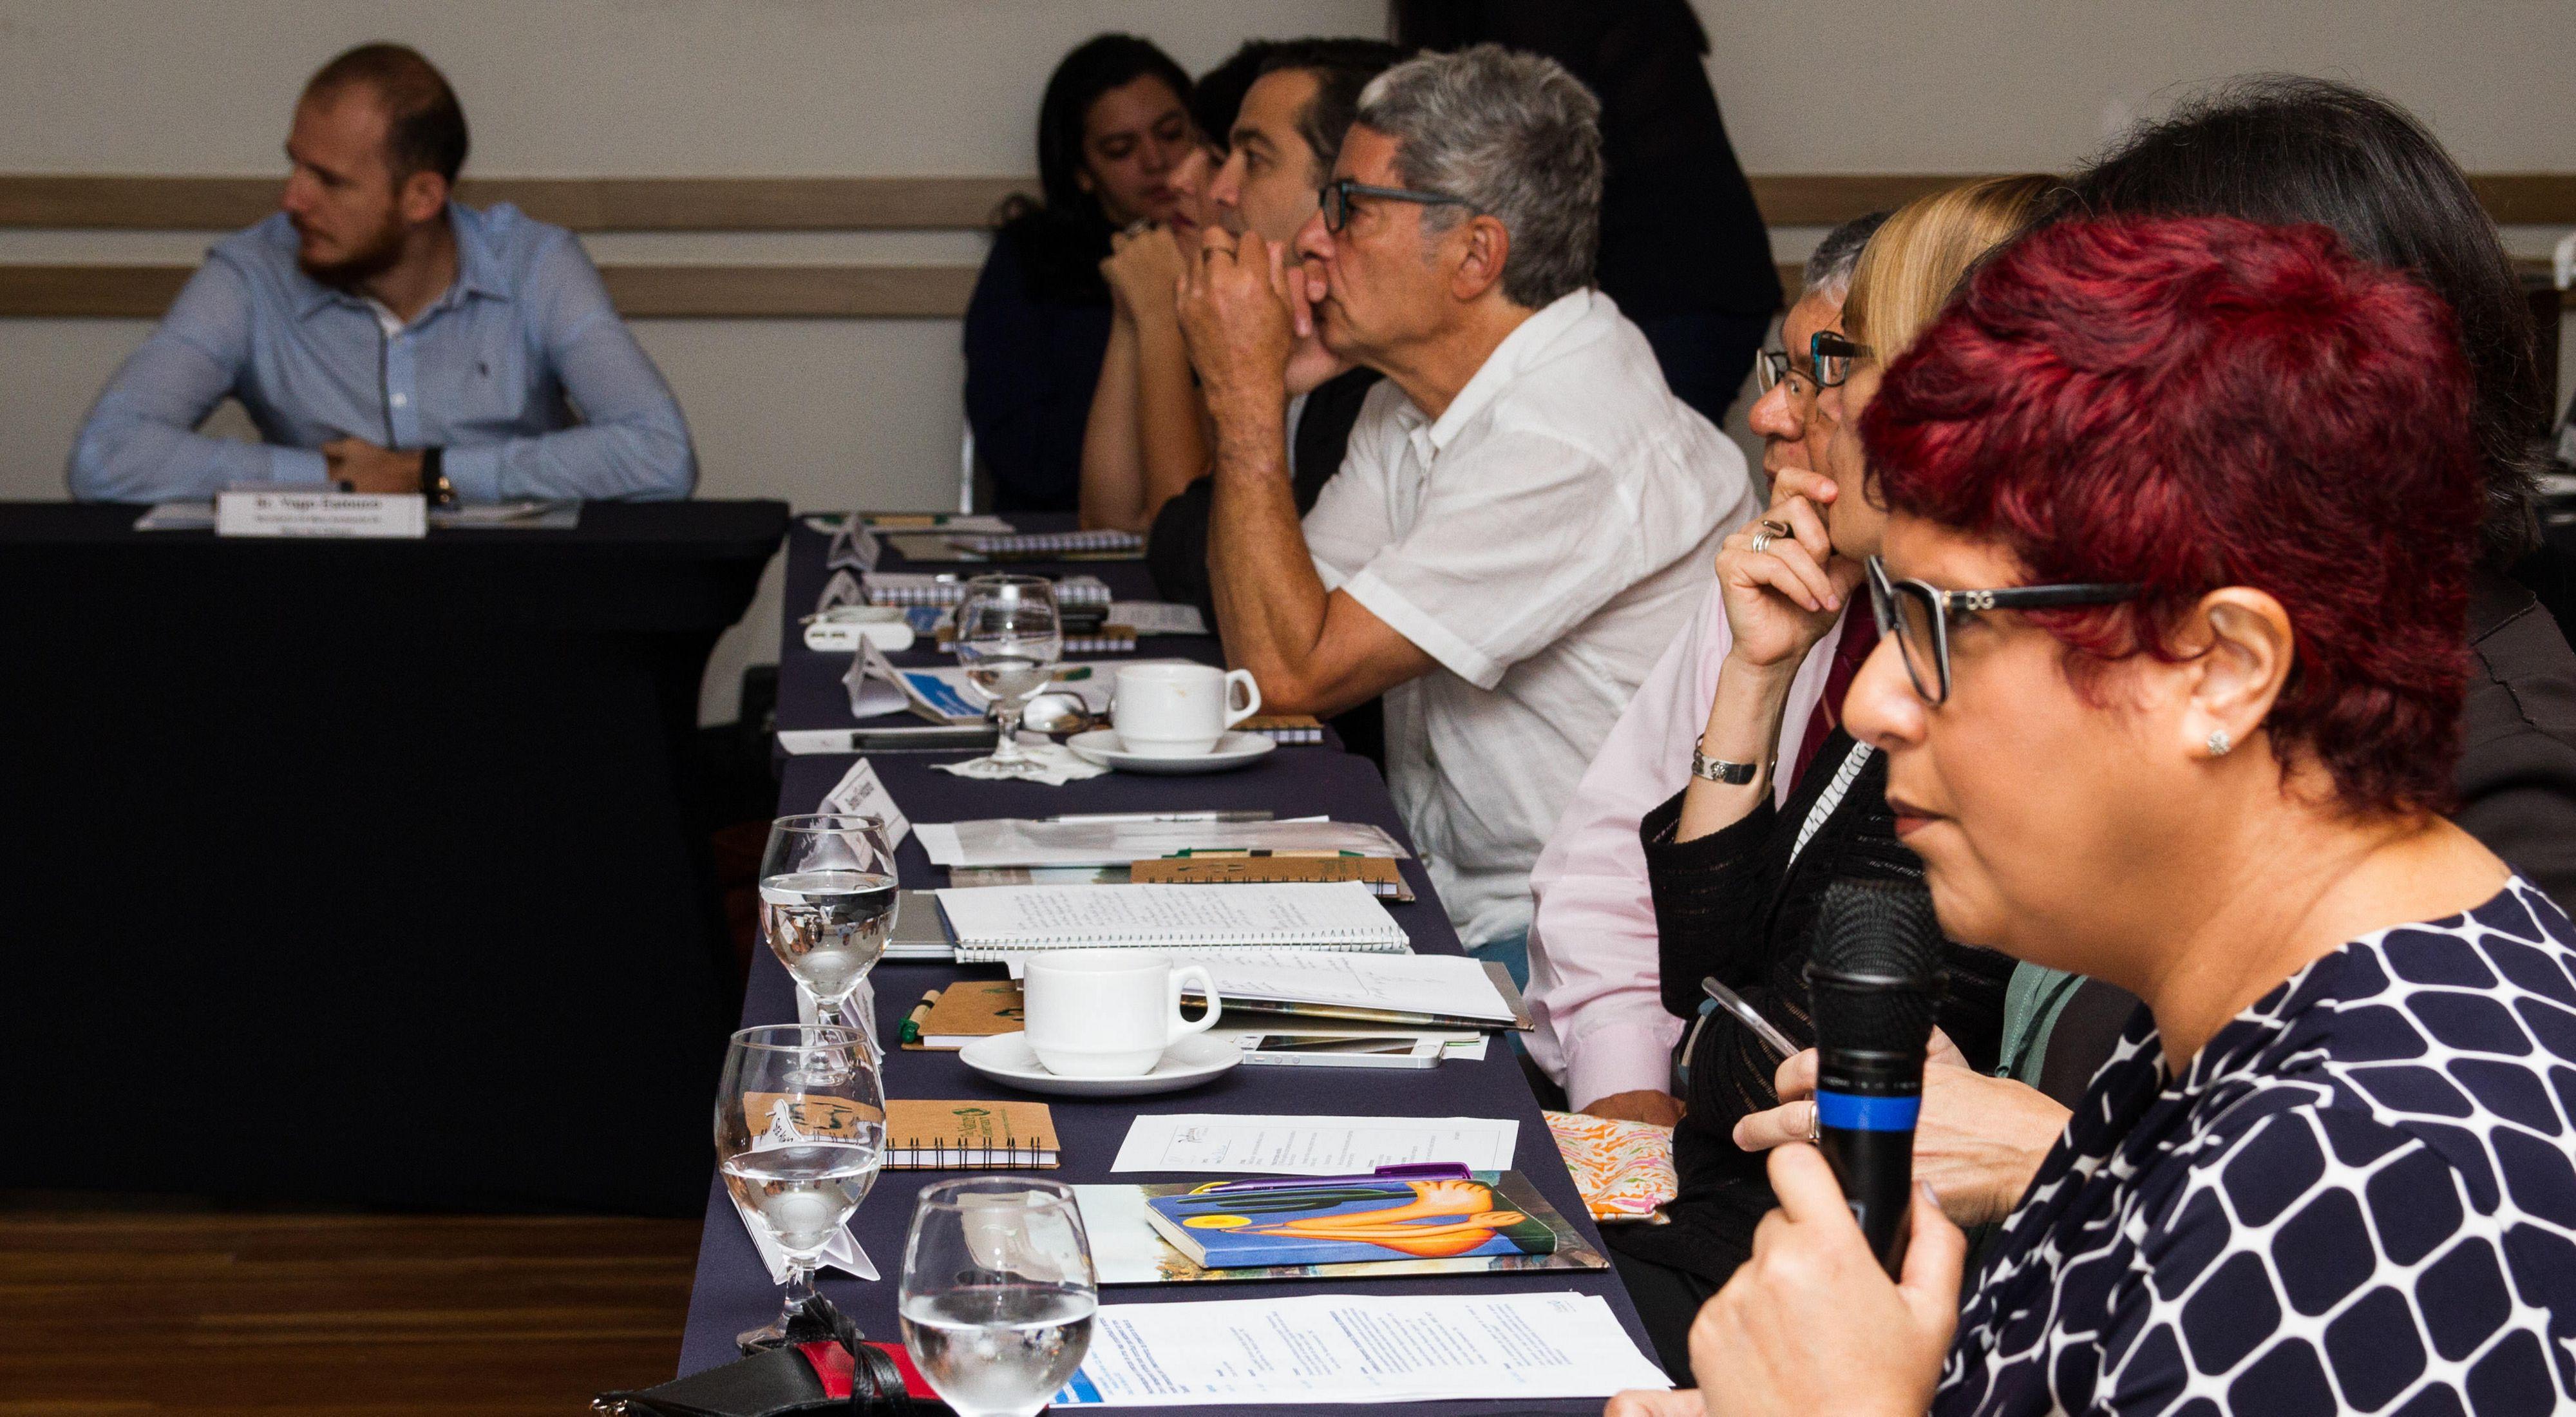 Karen Oliveira, Gerente de Infraestrutura da TNC Brasil, falando durante o Seminário Diálogos Tapajós, em 2018.